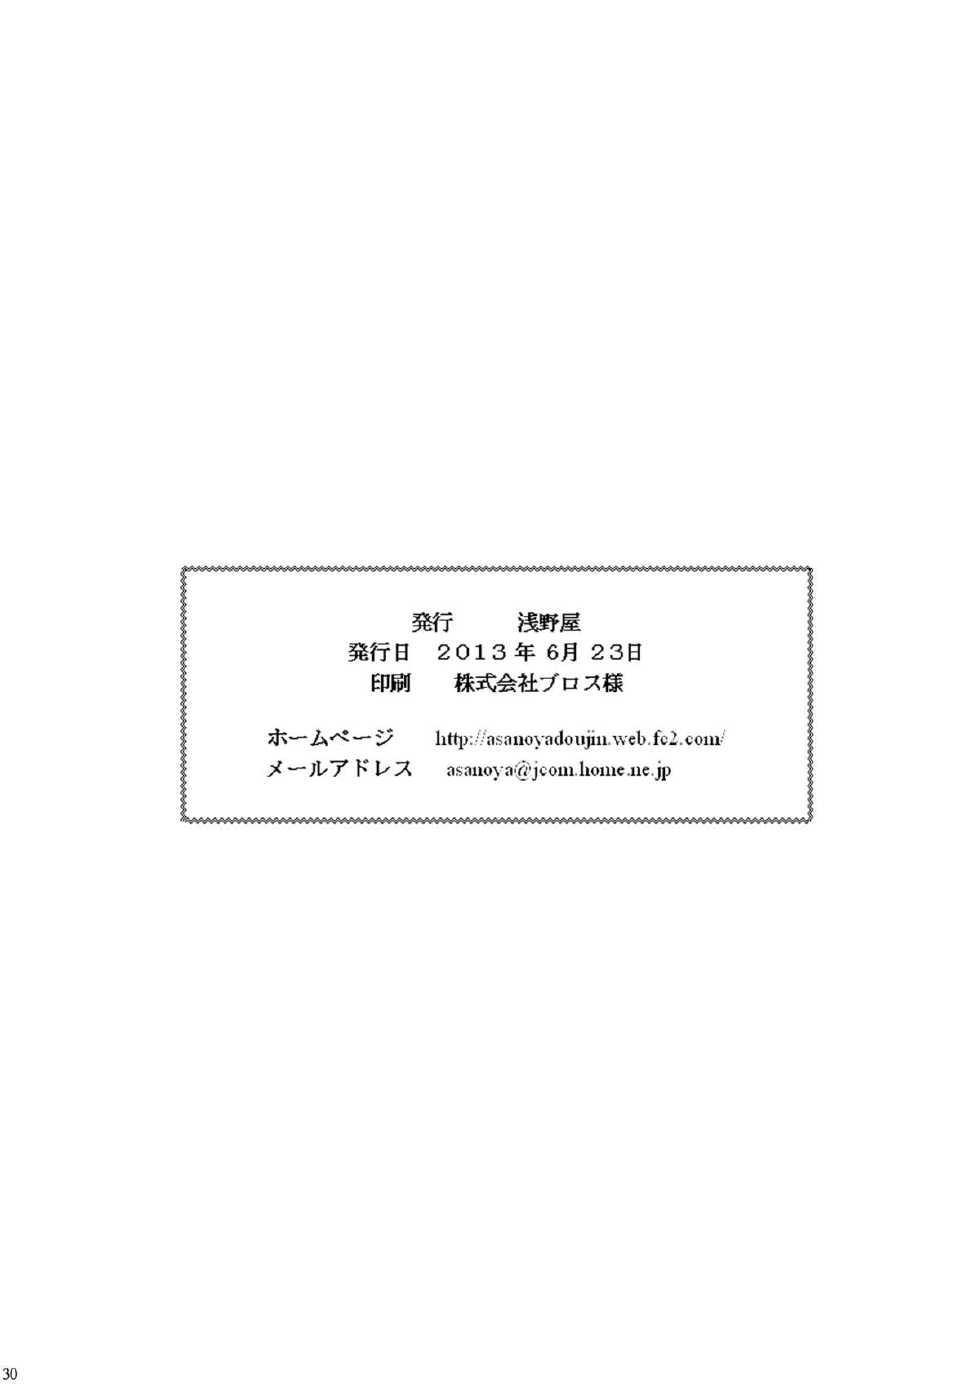 Seishinhoukai Surumade Kusugurimakutte Ryoujoku Shitemiru Test VI & VIII 30